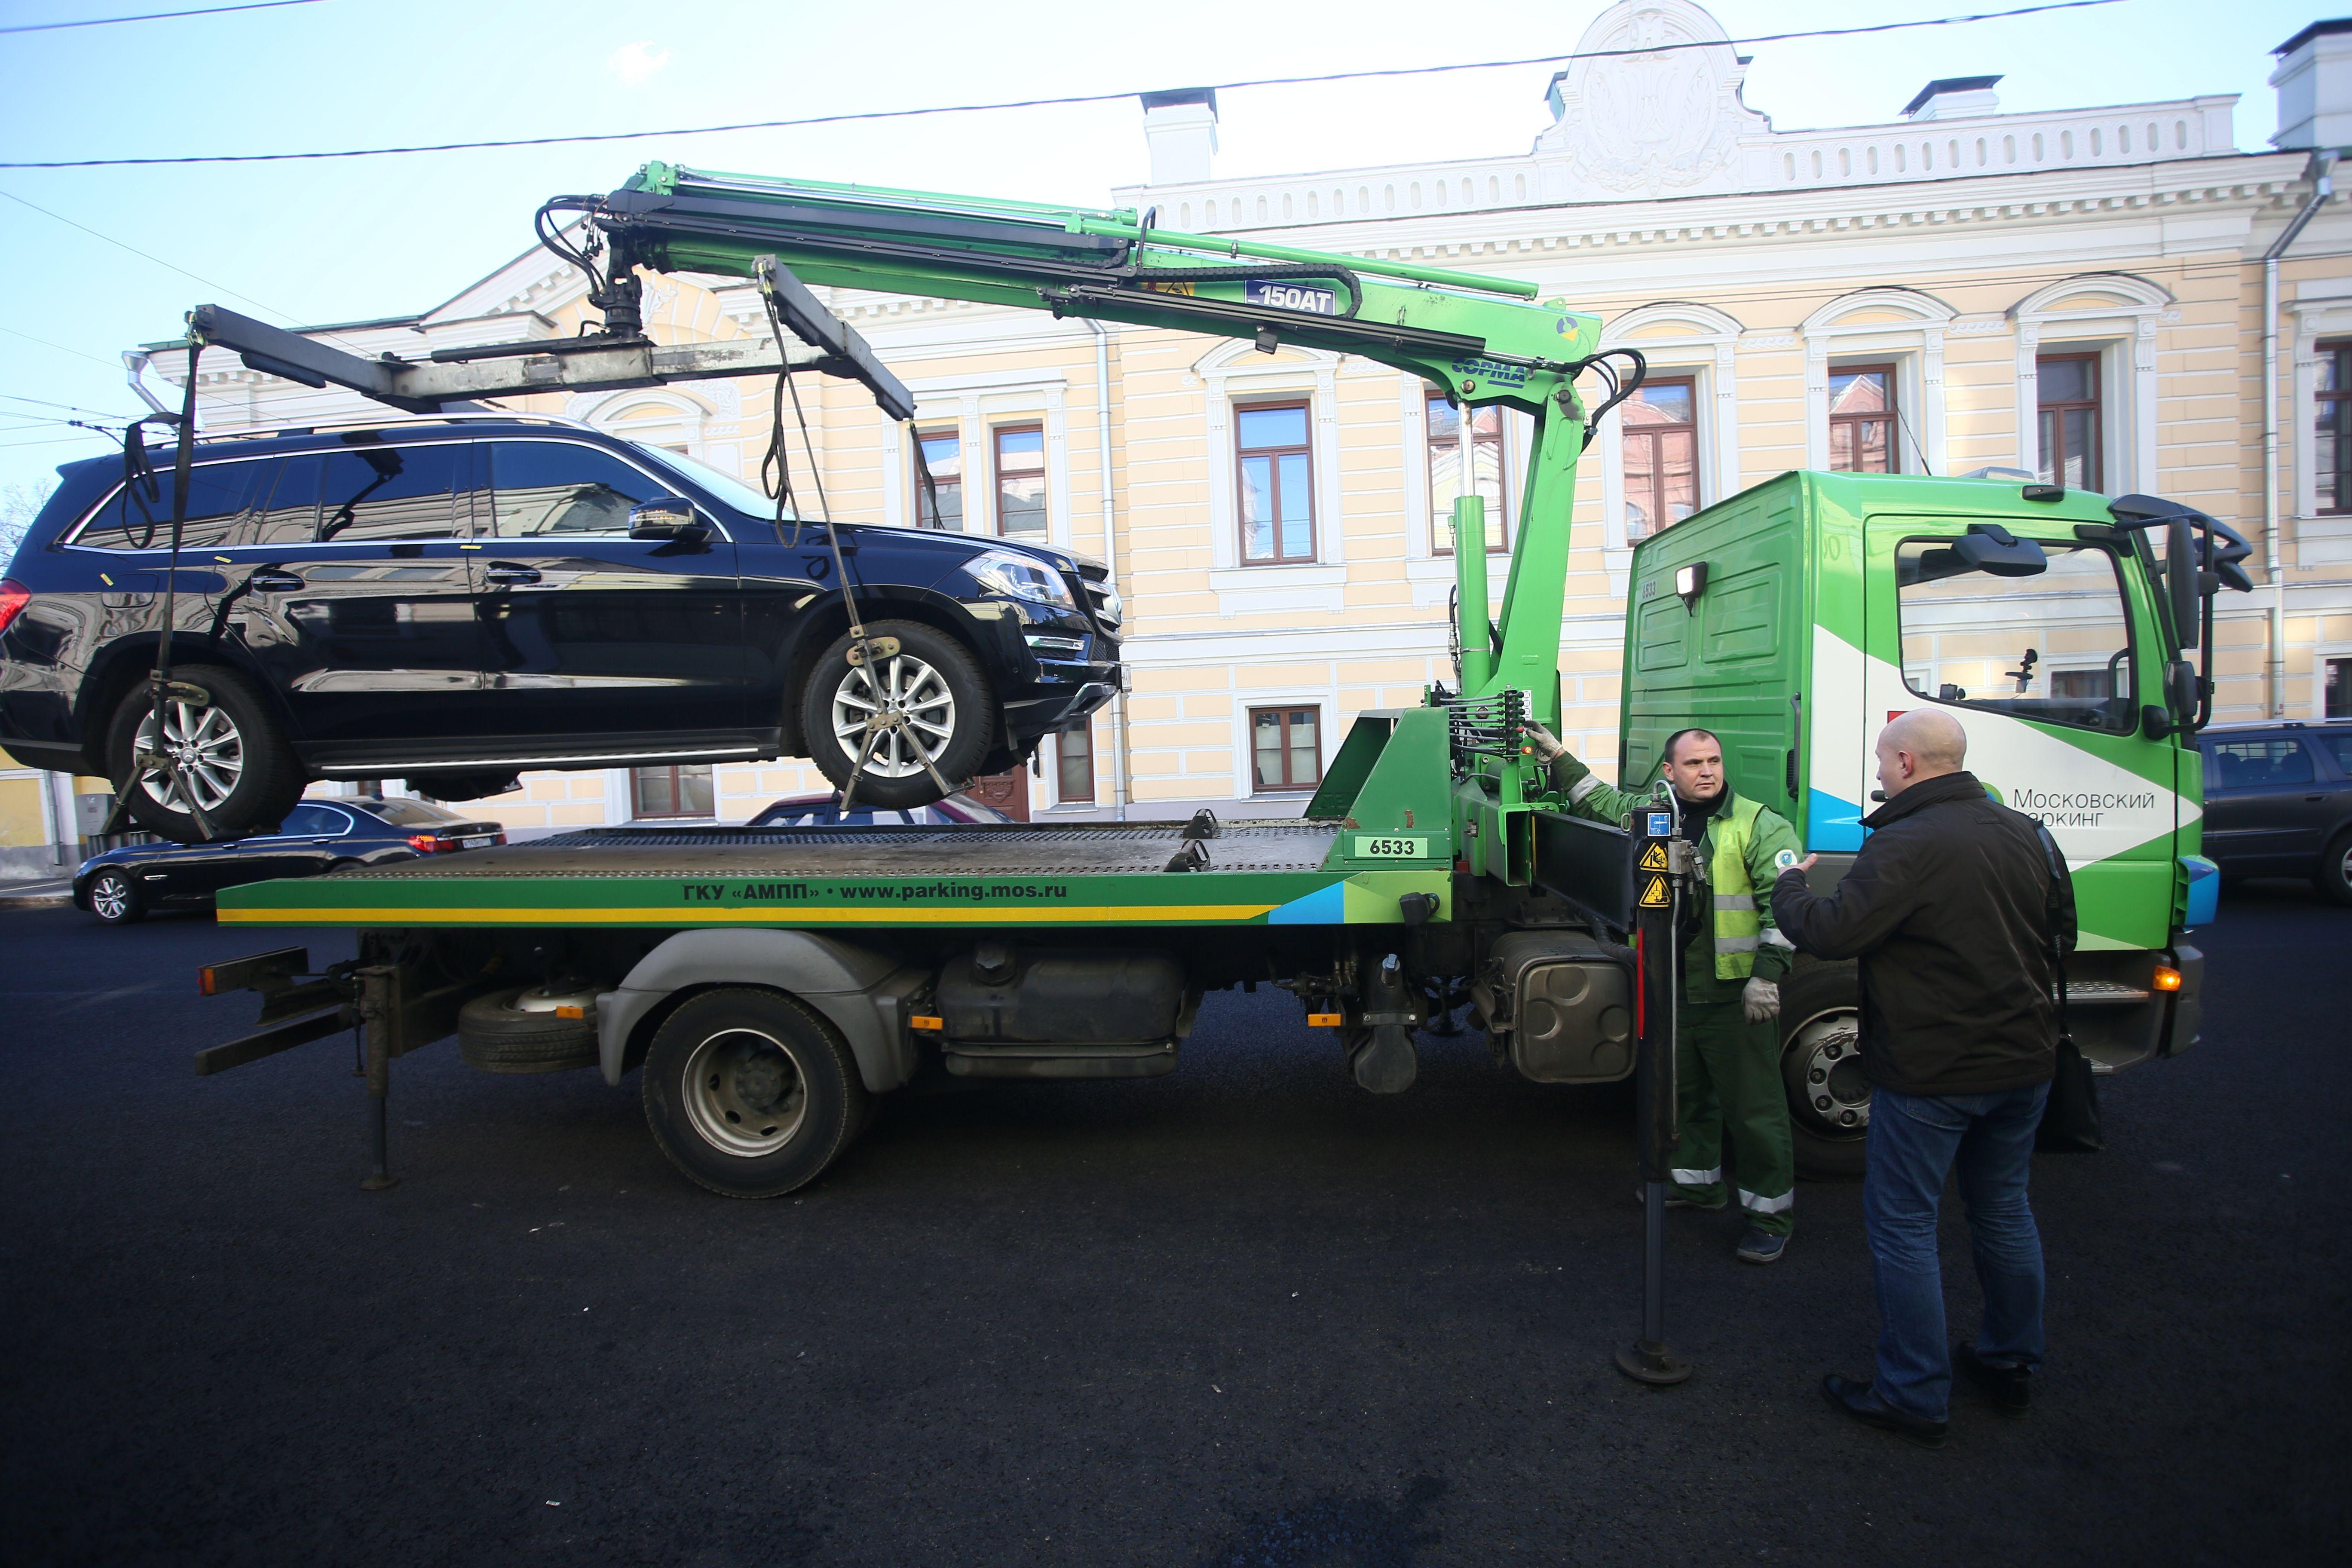 Москвичам рассказали о самых частых ошибках при оплате парковки